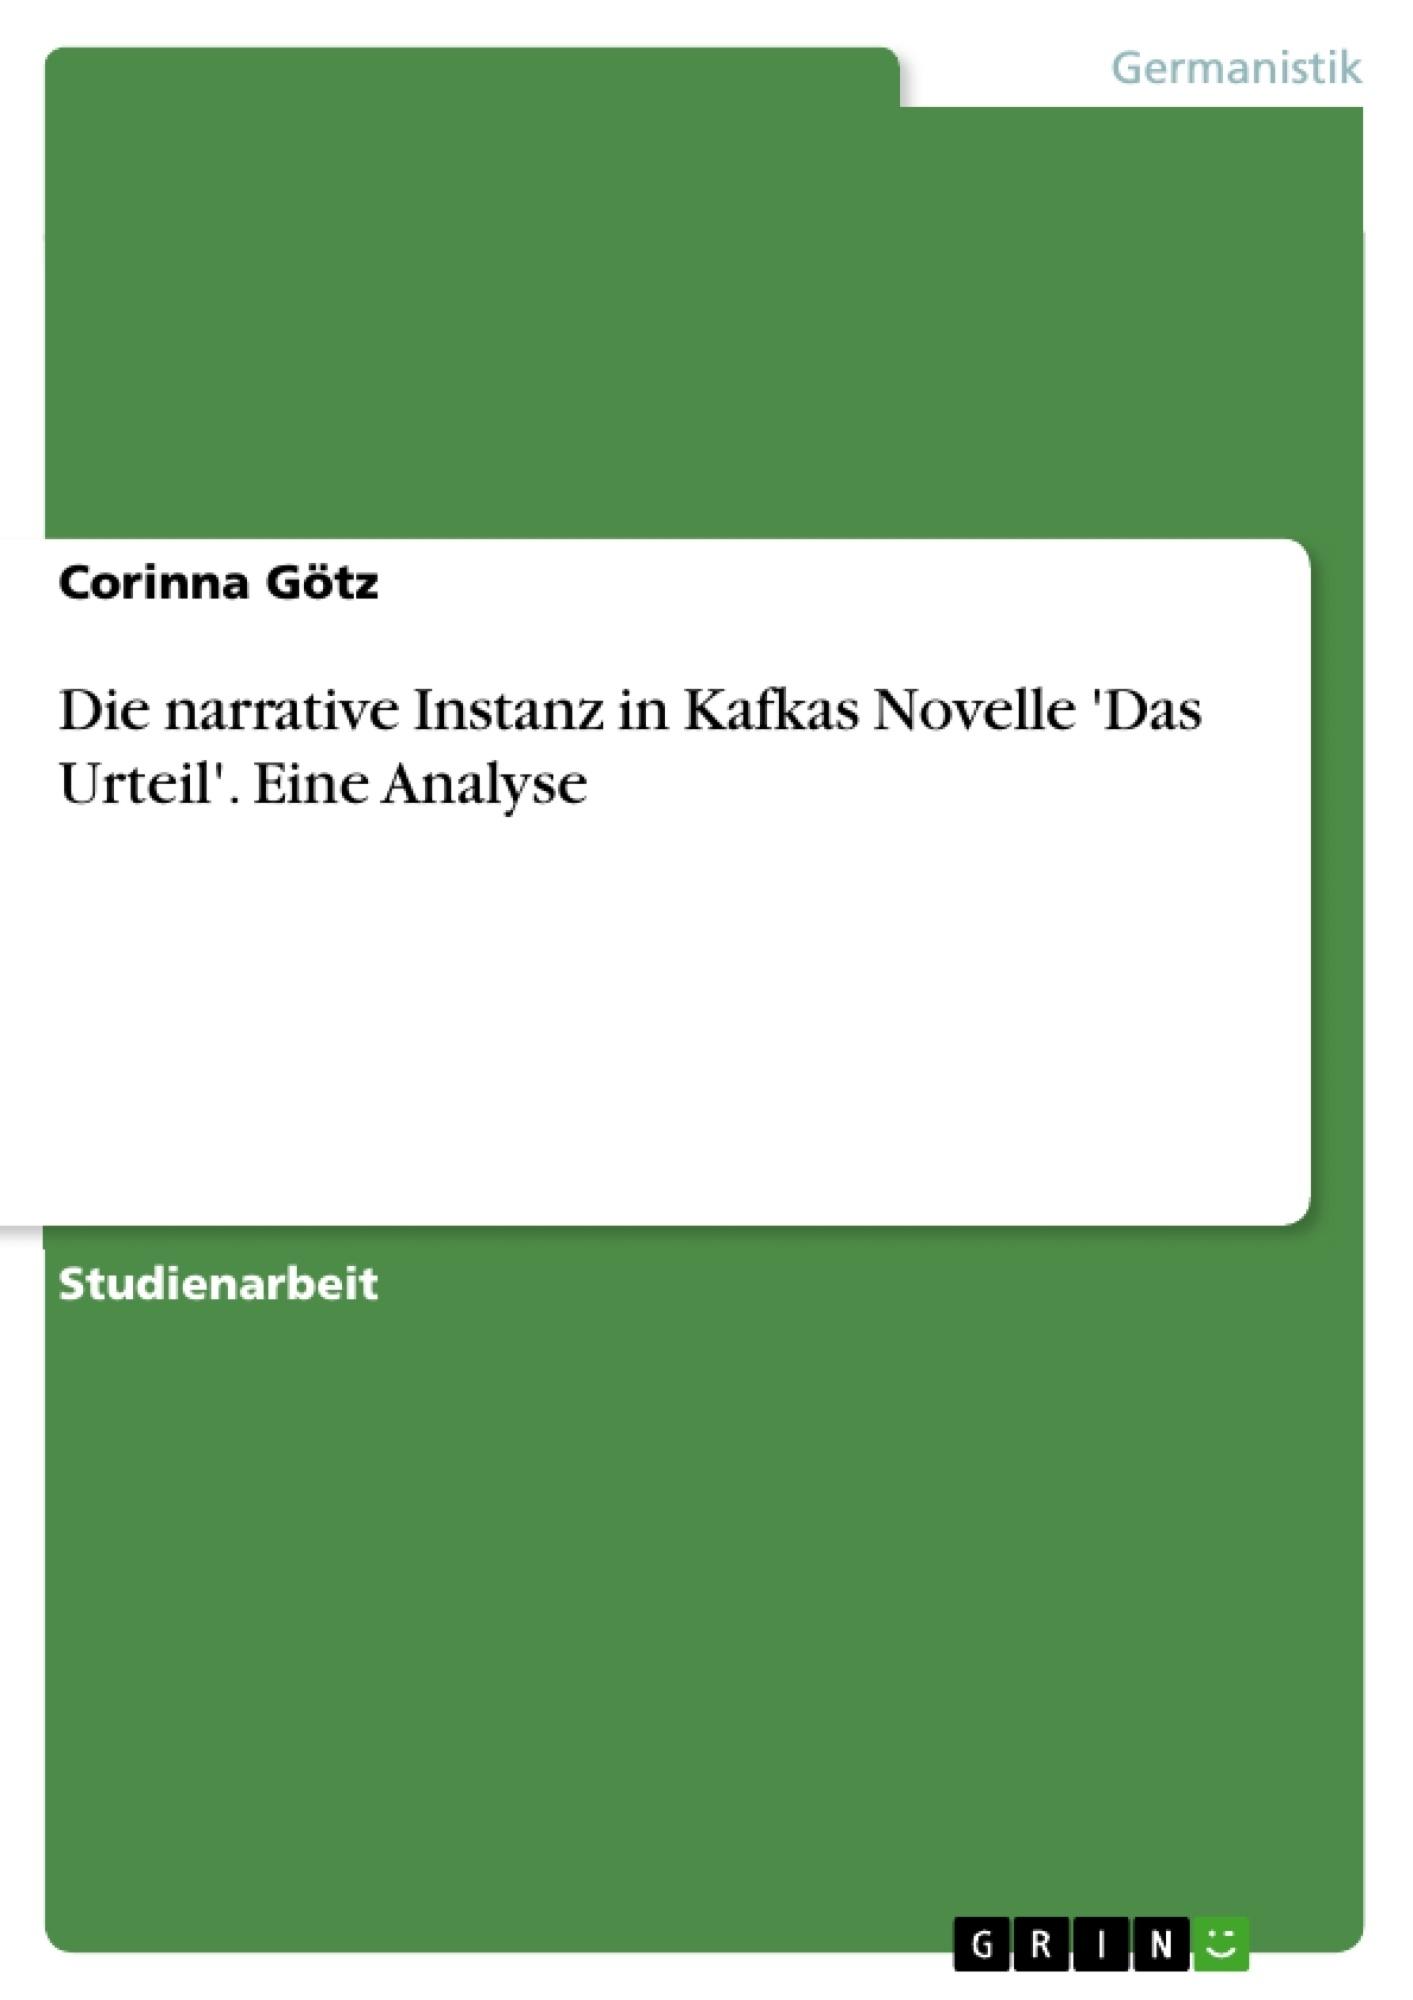 Titel: Die narrative Instanz in Kafkas Novelle 'Das Urteil'. Eine Analyse